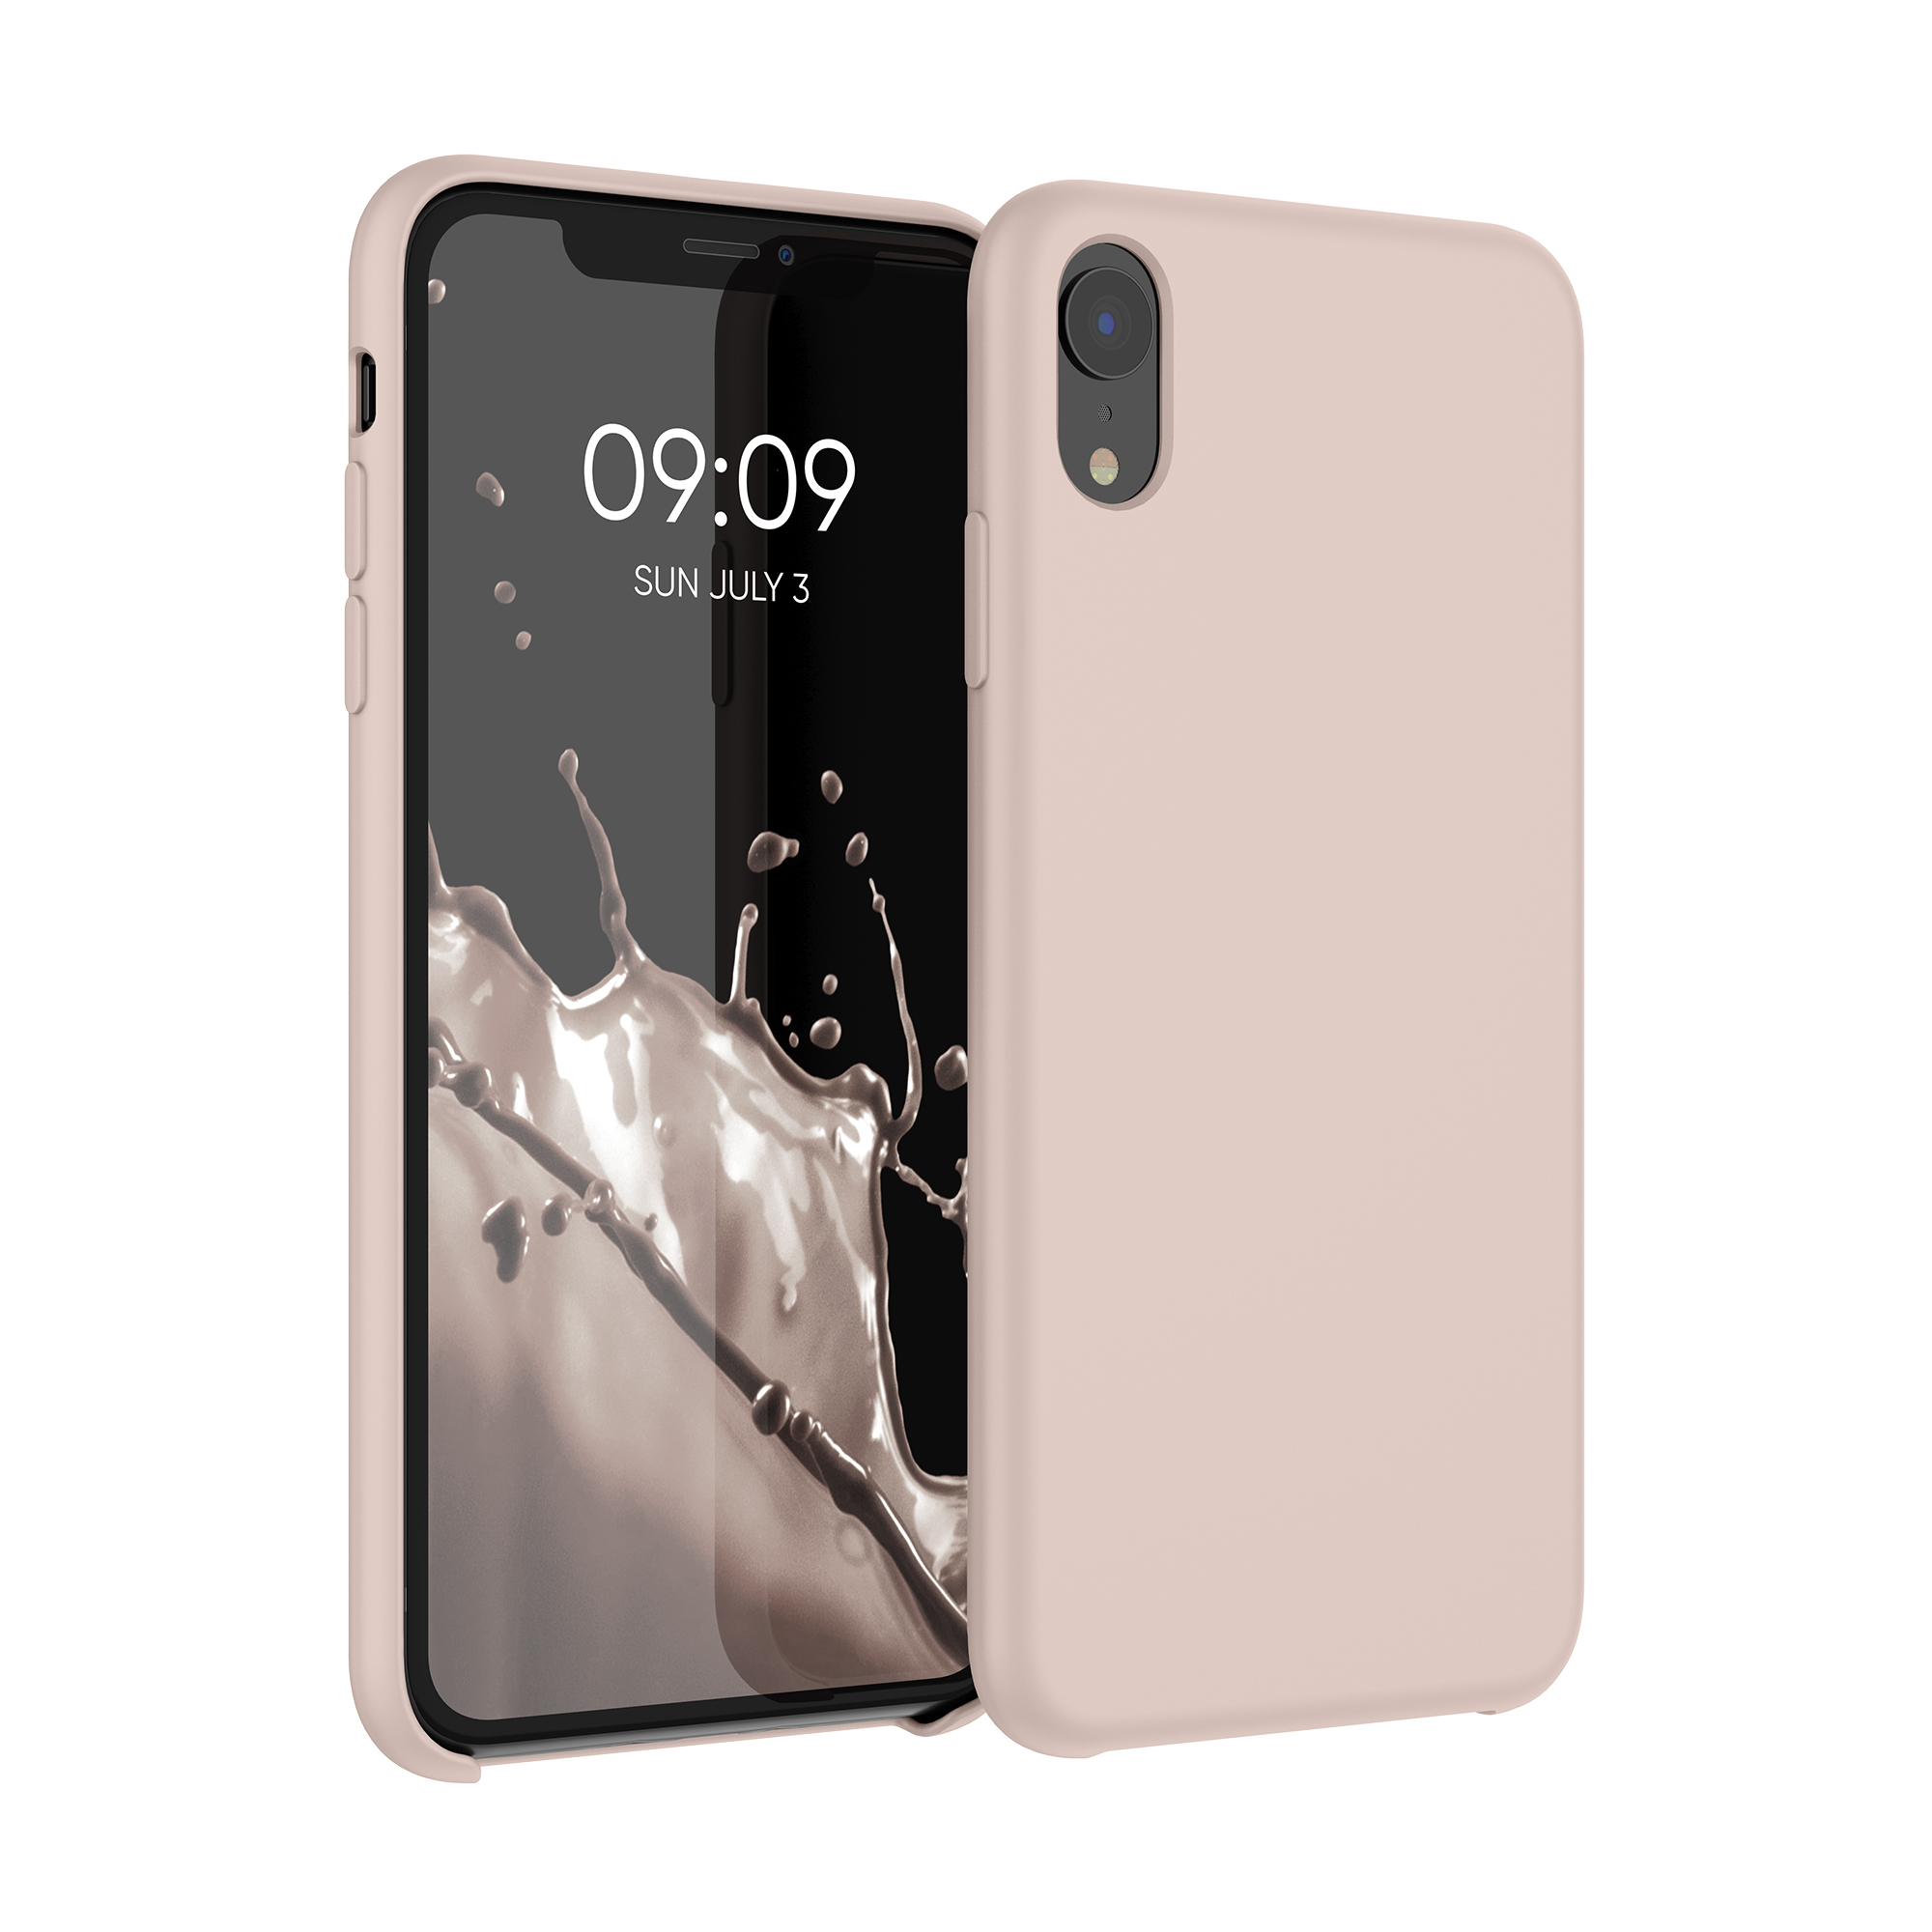 Kvalitní silikonové TPU pouzdro pro Apple iPhone XR - Dusty Pink